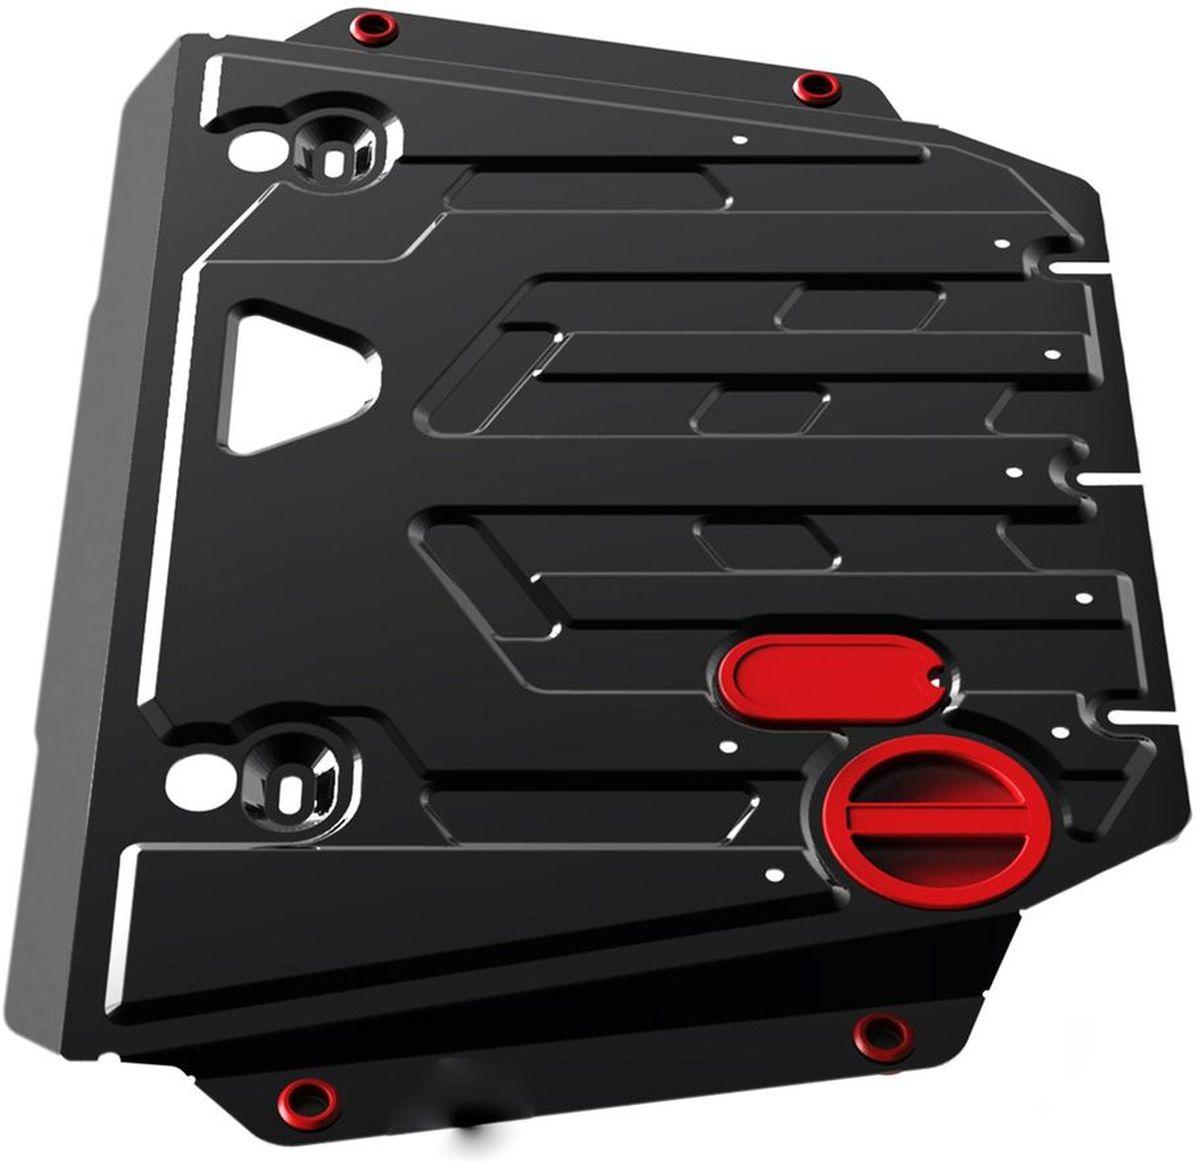 Защита картера и КПП Автоброня Lifan X50 2014-, сталь 2 мм111.03314.1Защита картера и КПП Автоброня Lifan X50, V - 1,5 2014-, сталь 2 мм, комплект крепежа, 111.03314.1Стальные защиты Автоброня надежно защищают ваш автомобиль от повреждений при наезде на бордюры, выступающие канализационные люки, кромки поврежденного асфальта или при ремонте дорог, не говоря уже о загородных дорогах.- Имеют оптимальное соотношение цена-качество.- Спроектированы с учетом особенностей автомобиля, что делает установку удобной.- Защита устанавливается в штатные места кузова автомобиля.- Является надежной защитой для важных элементов на протяжении долгих лет.- Глубокий штамп дополнительно усиливает конструкцию защиты.- Подштамповка в местах крепления защищает крепеж от срезания.- Технологические отверстия там, где они необходимы для смены масла и слива воды, оборудованные заглушками, закрепленными на защите.Толщина стали 2 мм.В комплекте крепеж и инструкция по установке.Уважаемые клиенты!Обращаем ваше внимание на тот факт, что защита имеет форму, соответствующую модели данного автомобиля. Наличие глубокого штампа и лючков для смены фильтров/масла предусмотрено не на всех защитах. Фото служит для визуального восприятия товара.